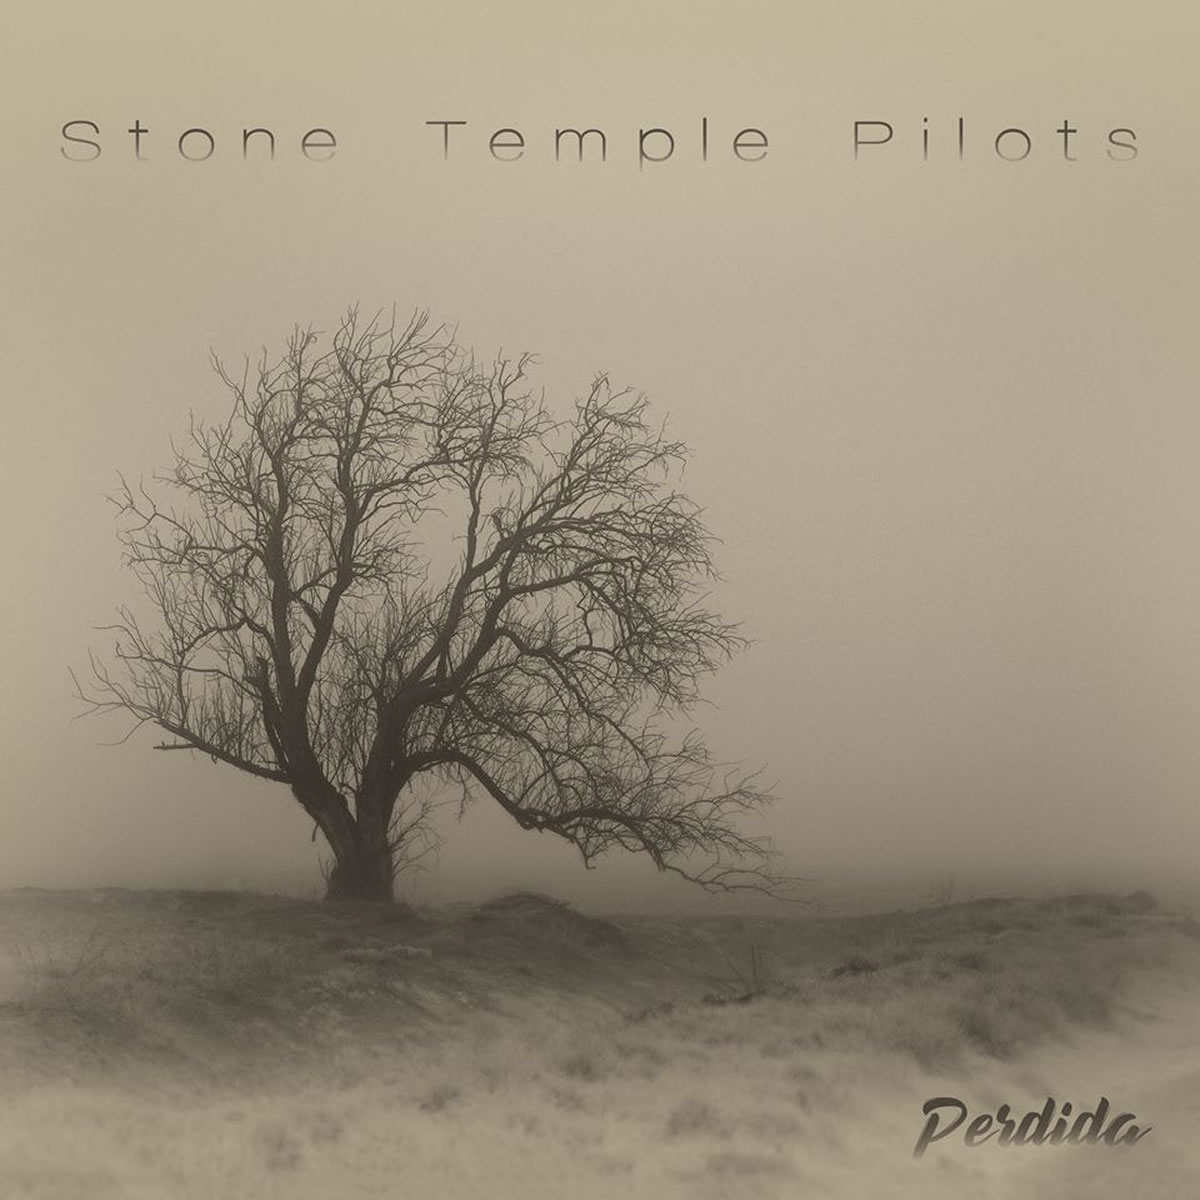 stone temple pilots - perdida - 2020